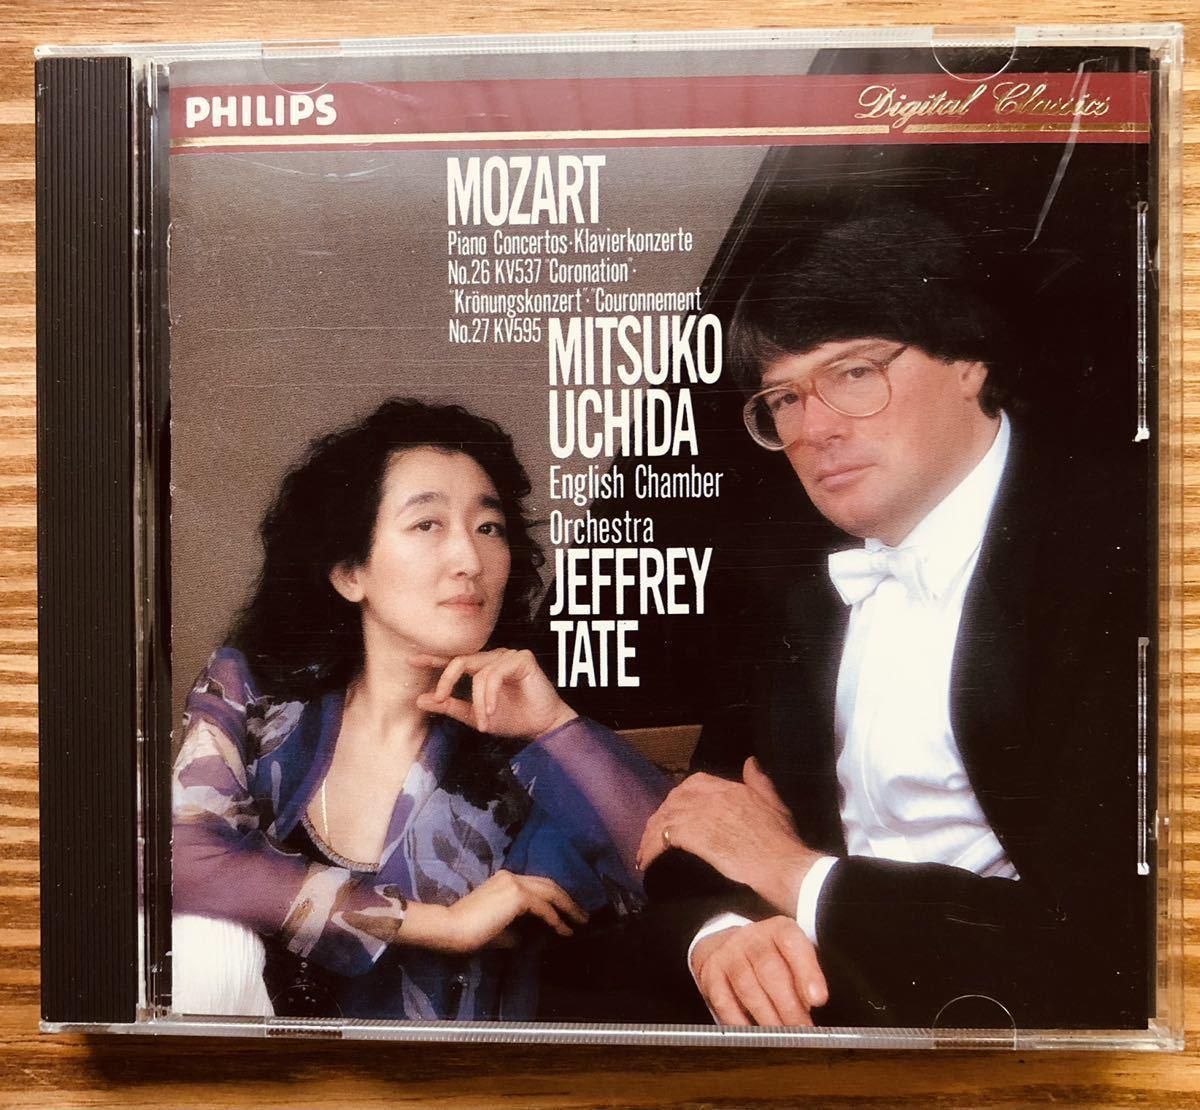 モーツァルト ピアノ協奏曲第26番「戴冠式」、第27番 内田光子(ピアノ) ジェフリー・テイト/イギリス室内管弦楽団_画像1